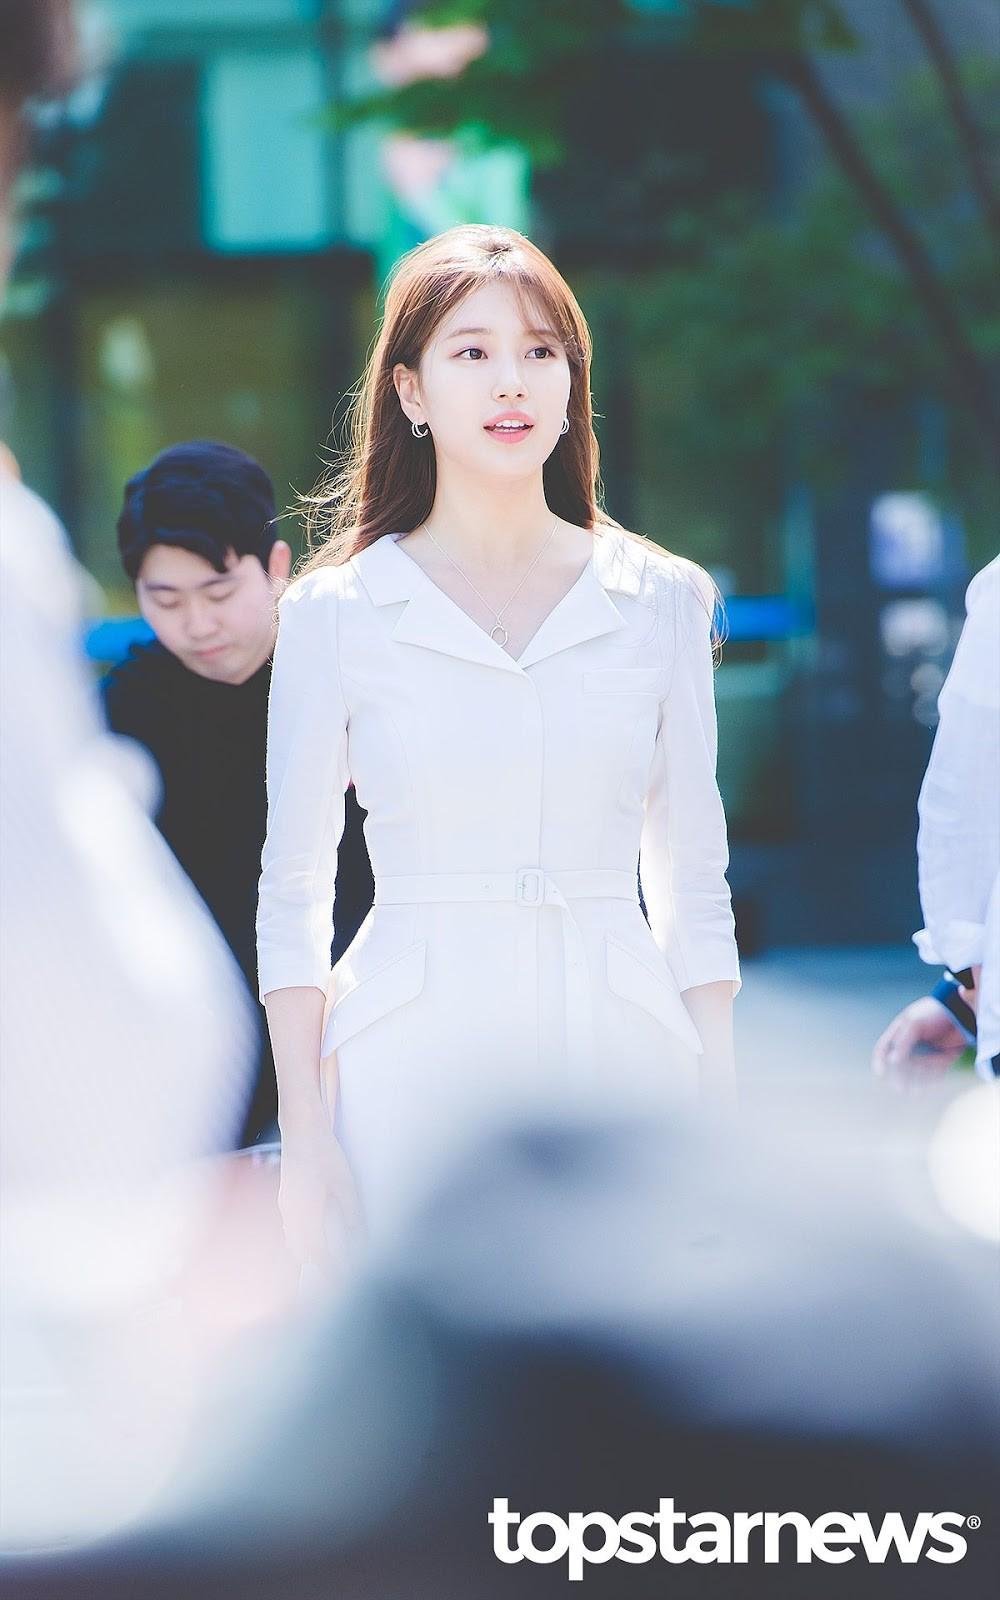 Sau loạt ảnh lung linh đến mức câm nín này, có lẽ Suzy đã đạt đến đẳng cấp nữ thần đẹp nhất Kpop - Ảnh 6.